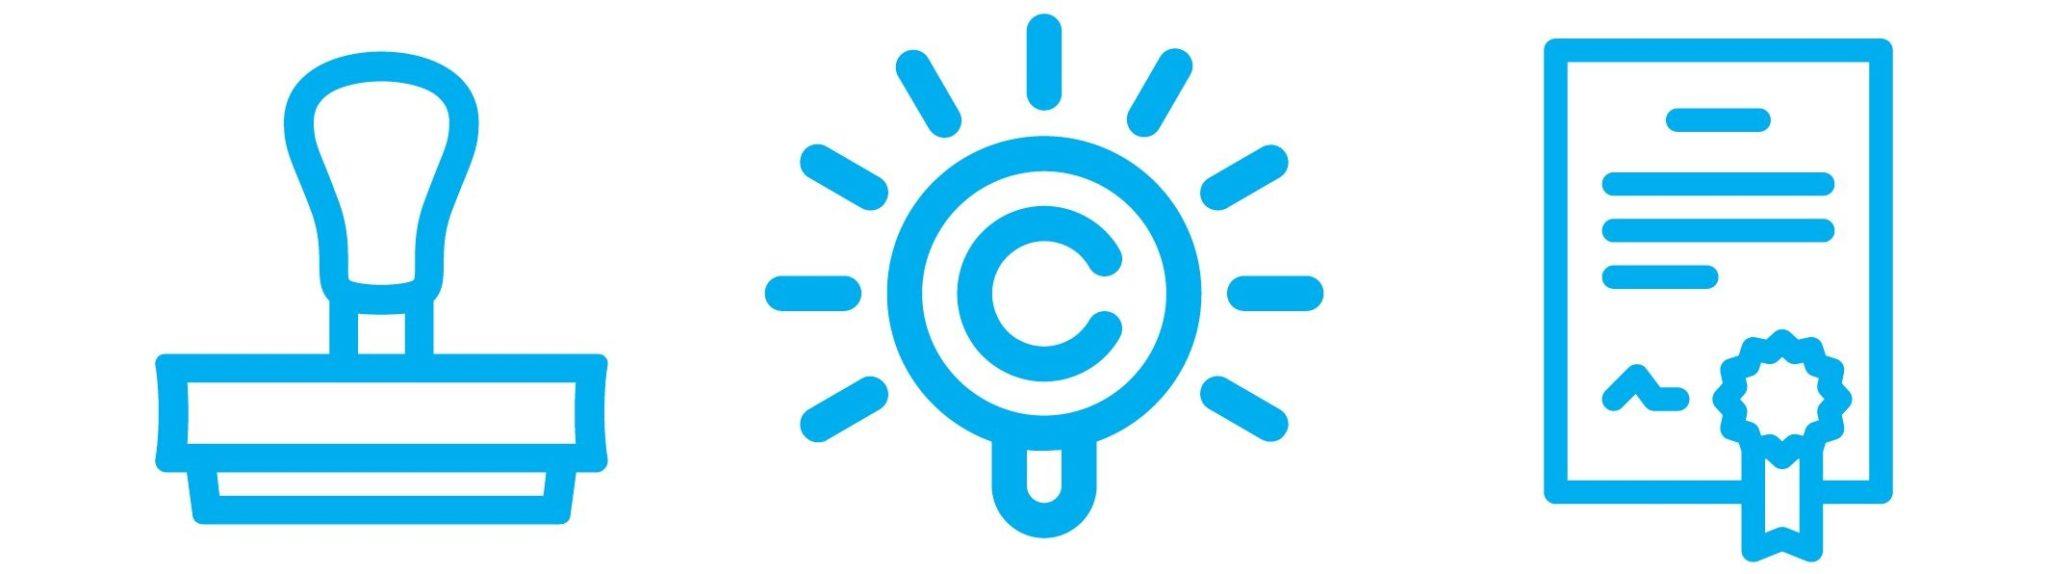 Jasa Pendaftaran Merek, Paten, Hak Cipta dan Desain industri